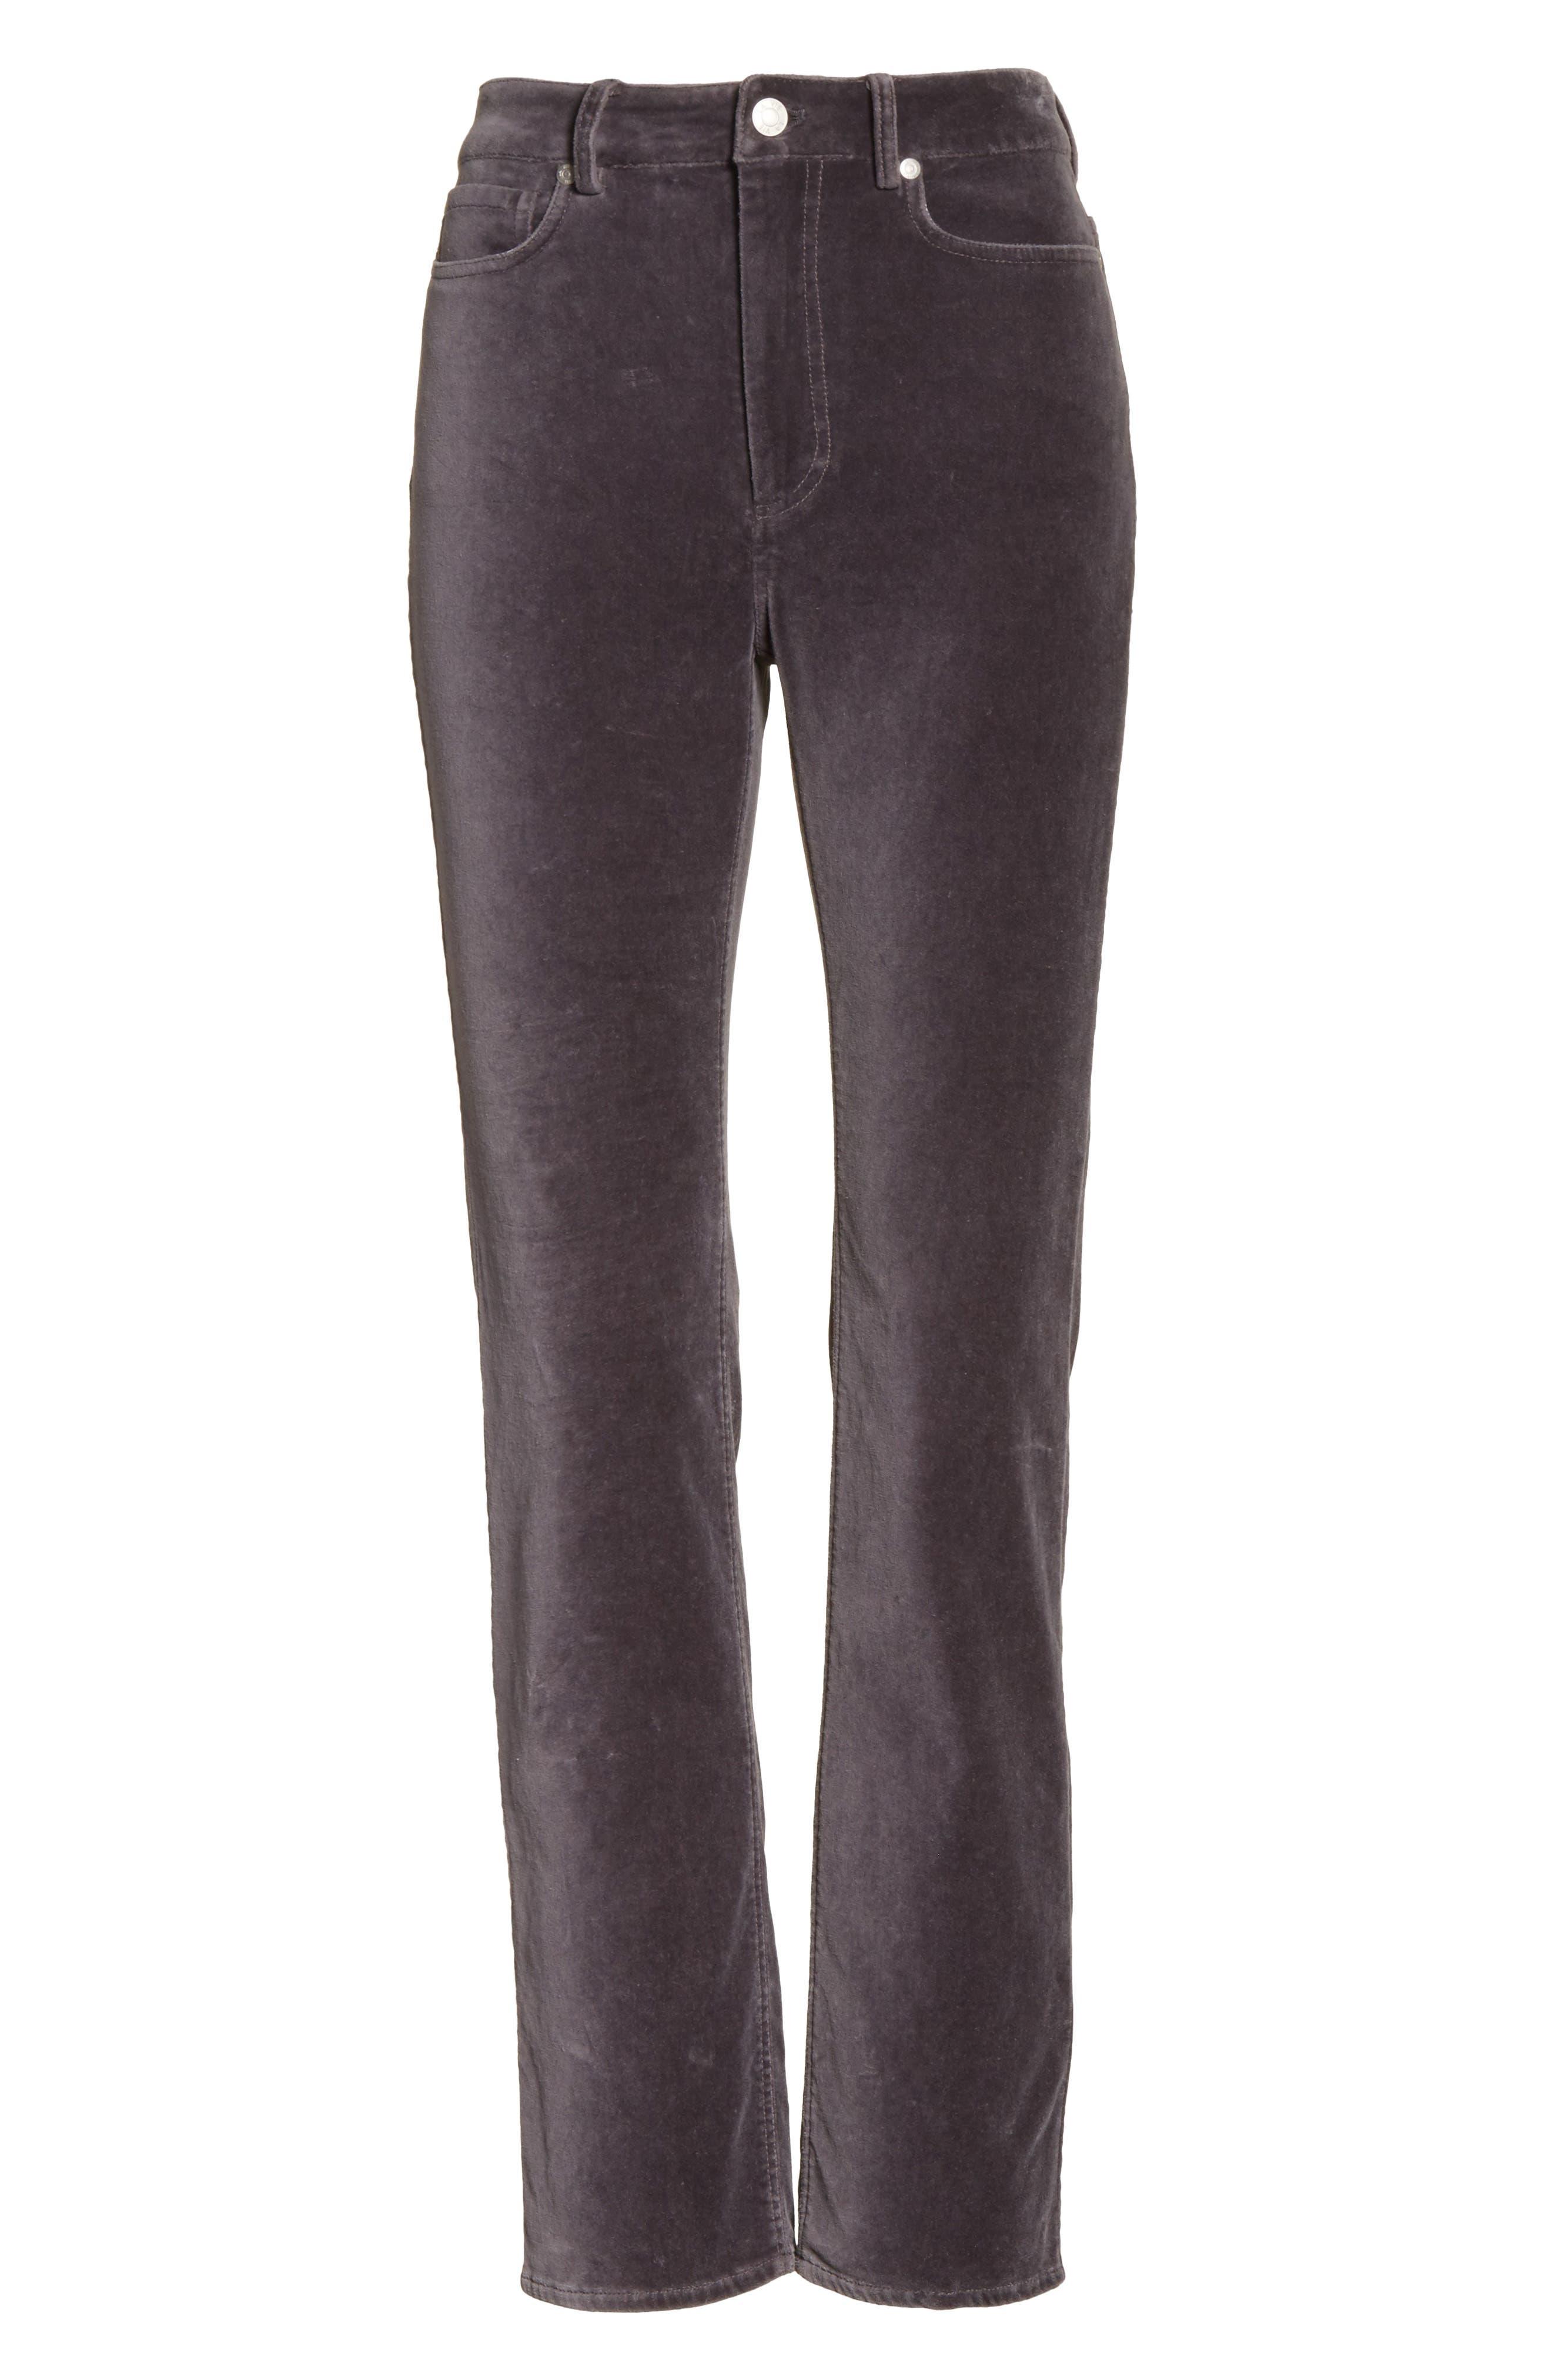 Velvet Clemence Skinny Pants,                             Alternate thumbnail 6, color,                             099